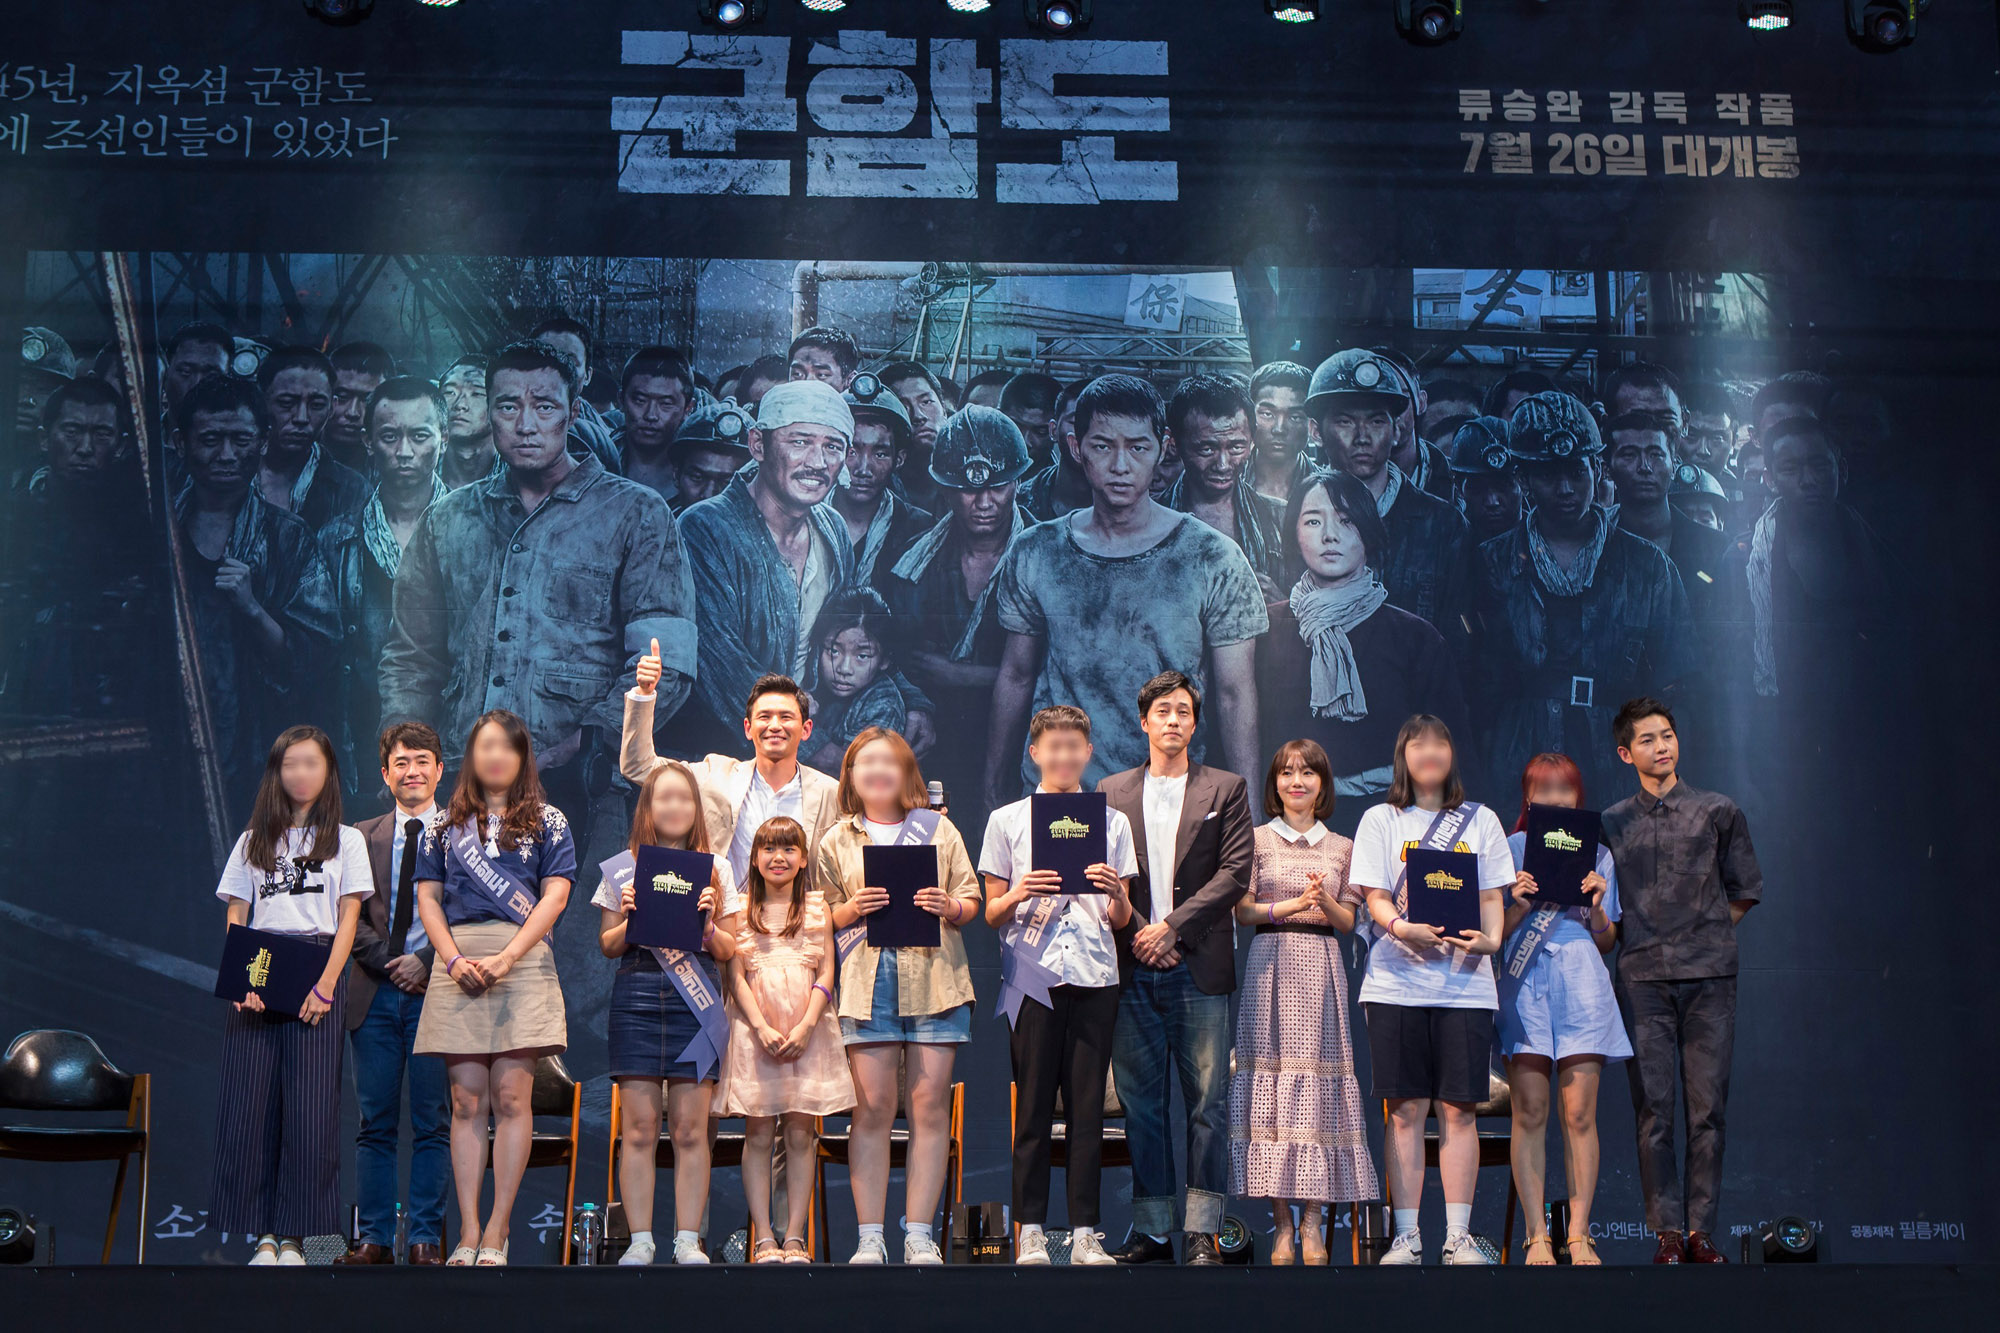 김수안 영화 군함도 쇼케이스 현장스케치 2017.06.26 (4)